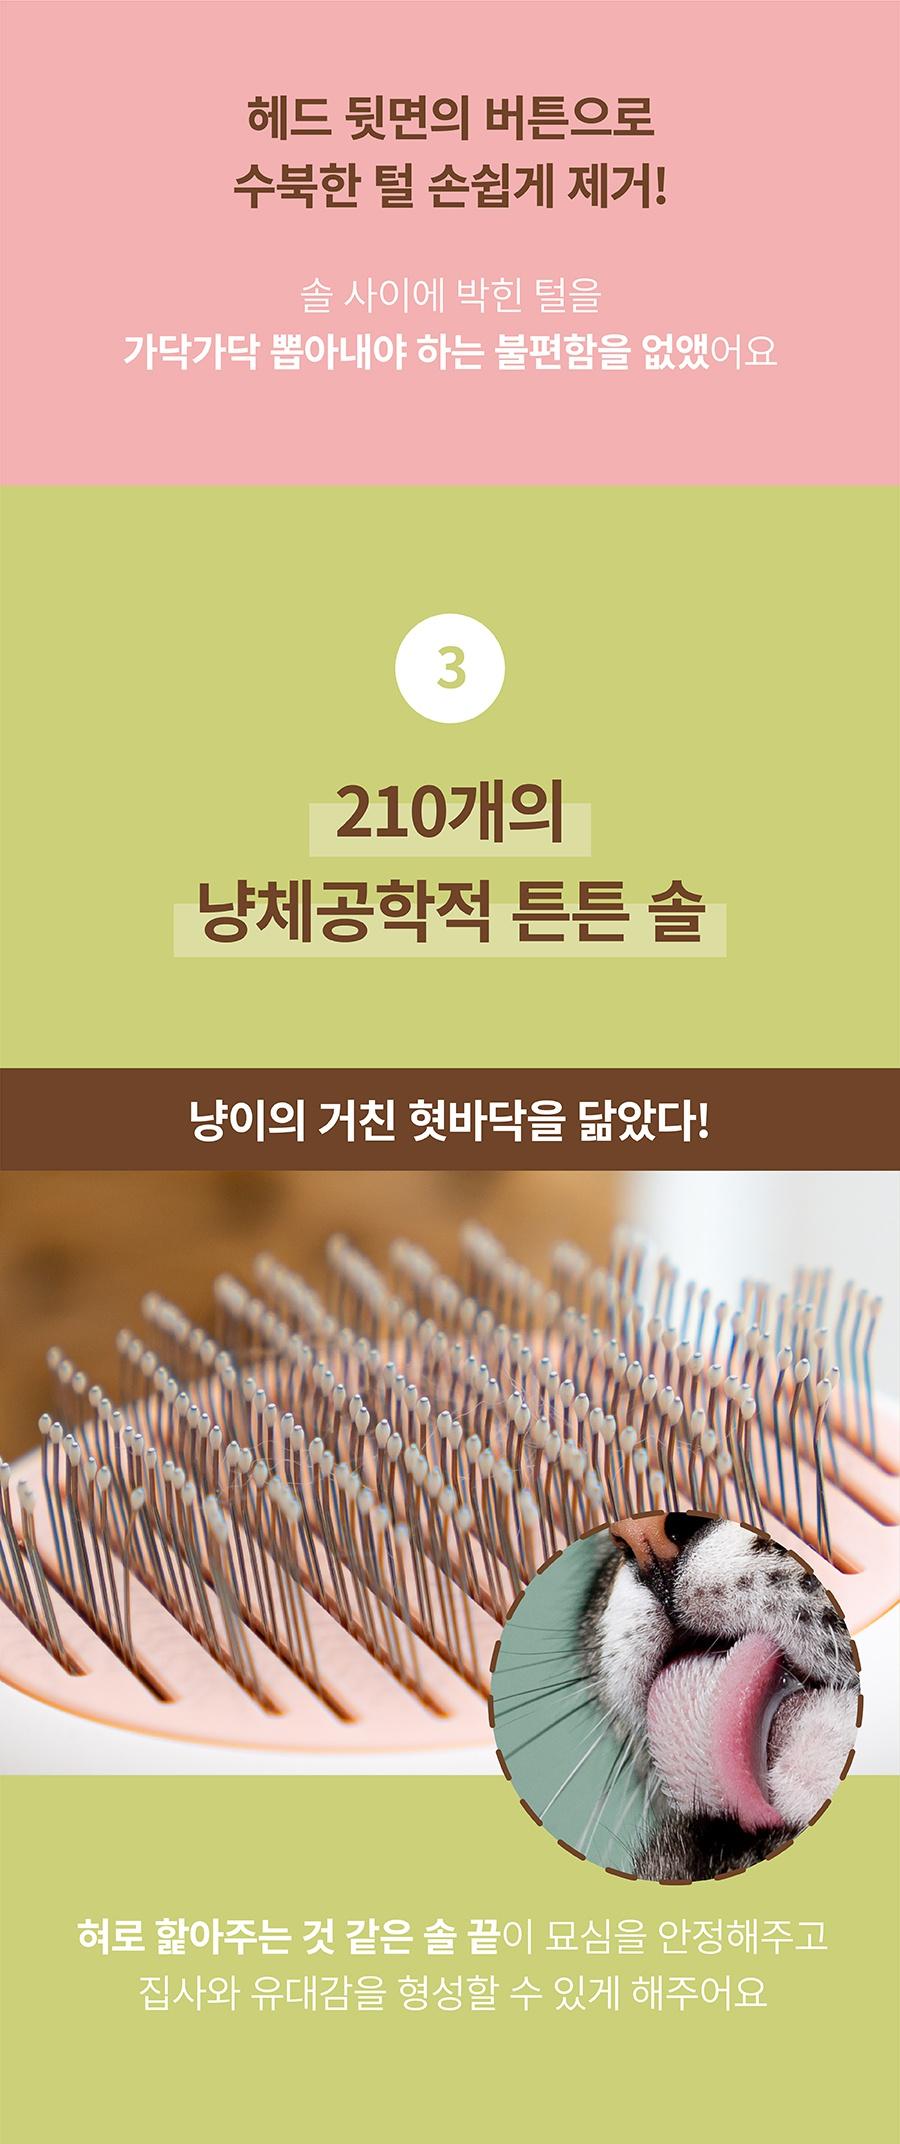 포우장 그릉그릉 브러쉬 (올리브그린/베이비핑크)-상품이미지-14